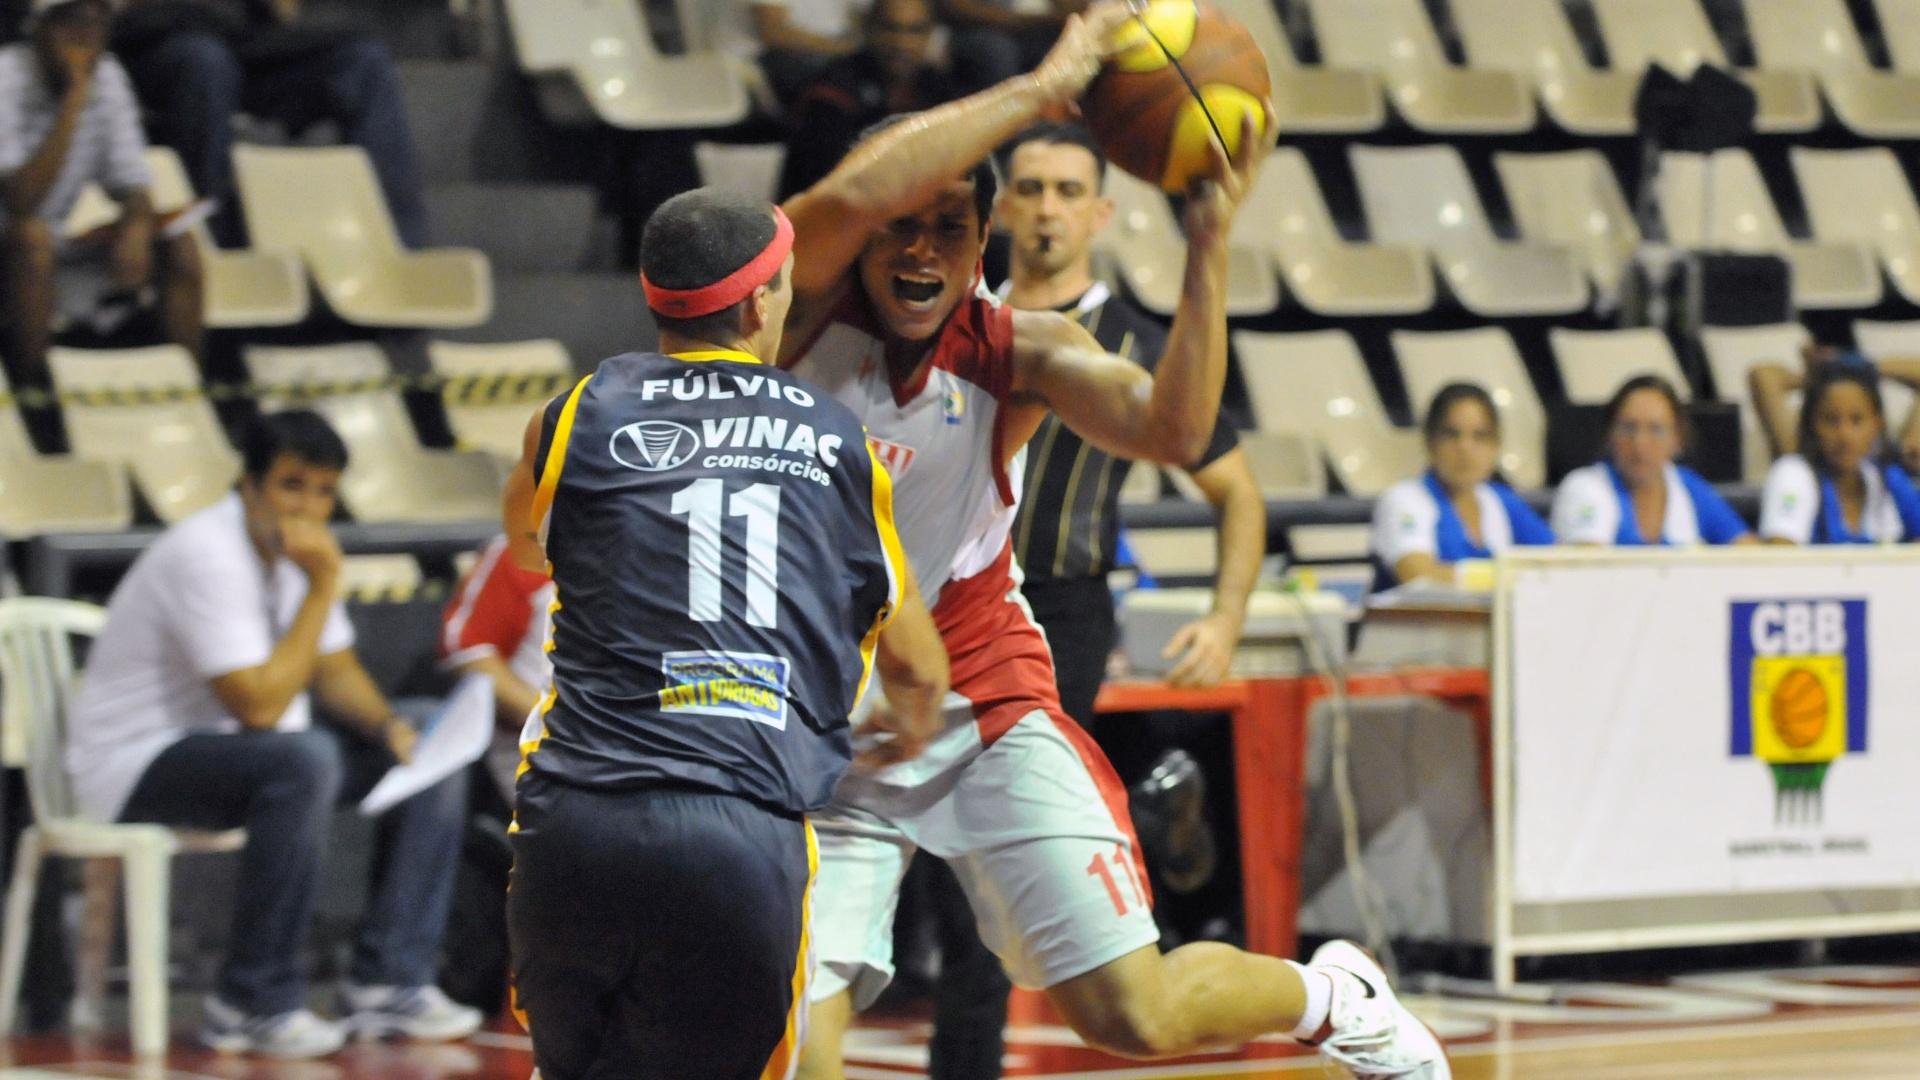 Marcellus encara a marcação de Fúlvio na partida entre Tijuca e São José (23/02/12)